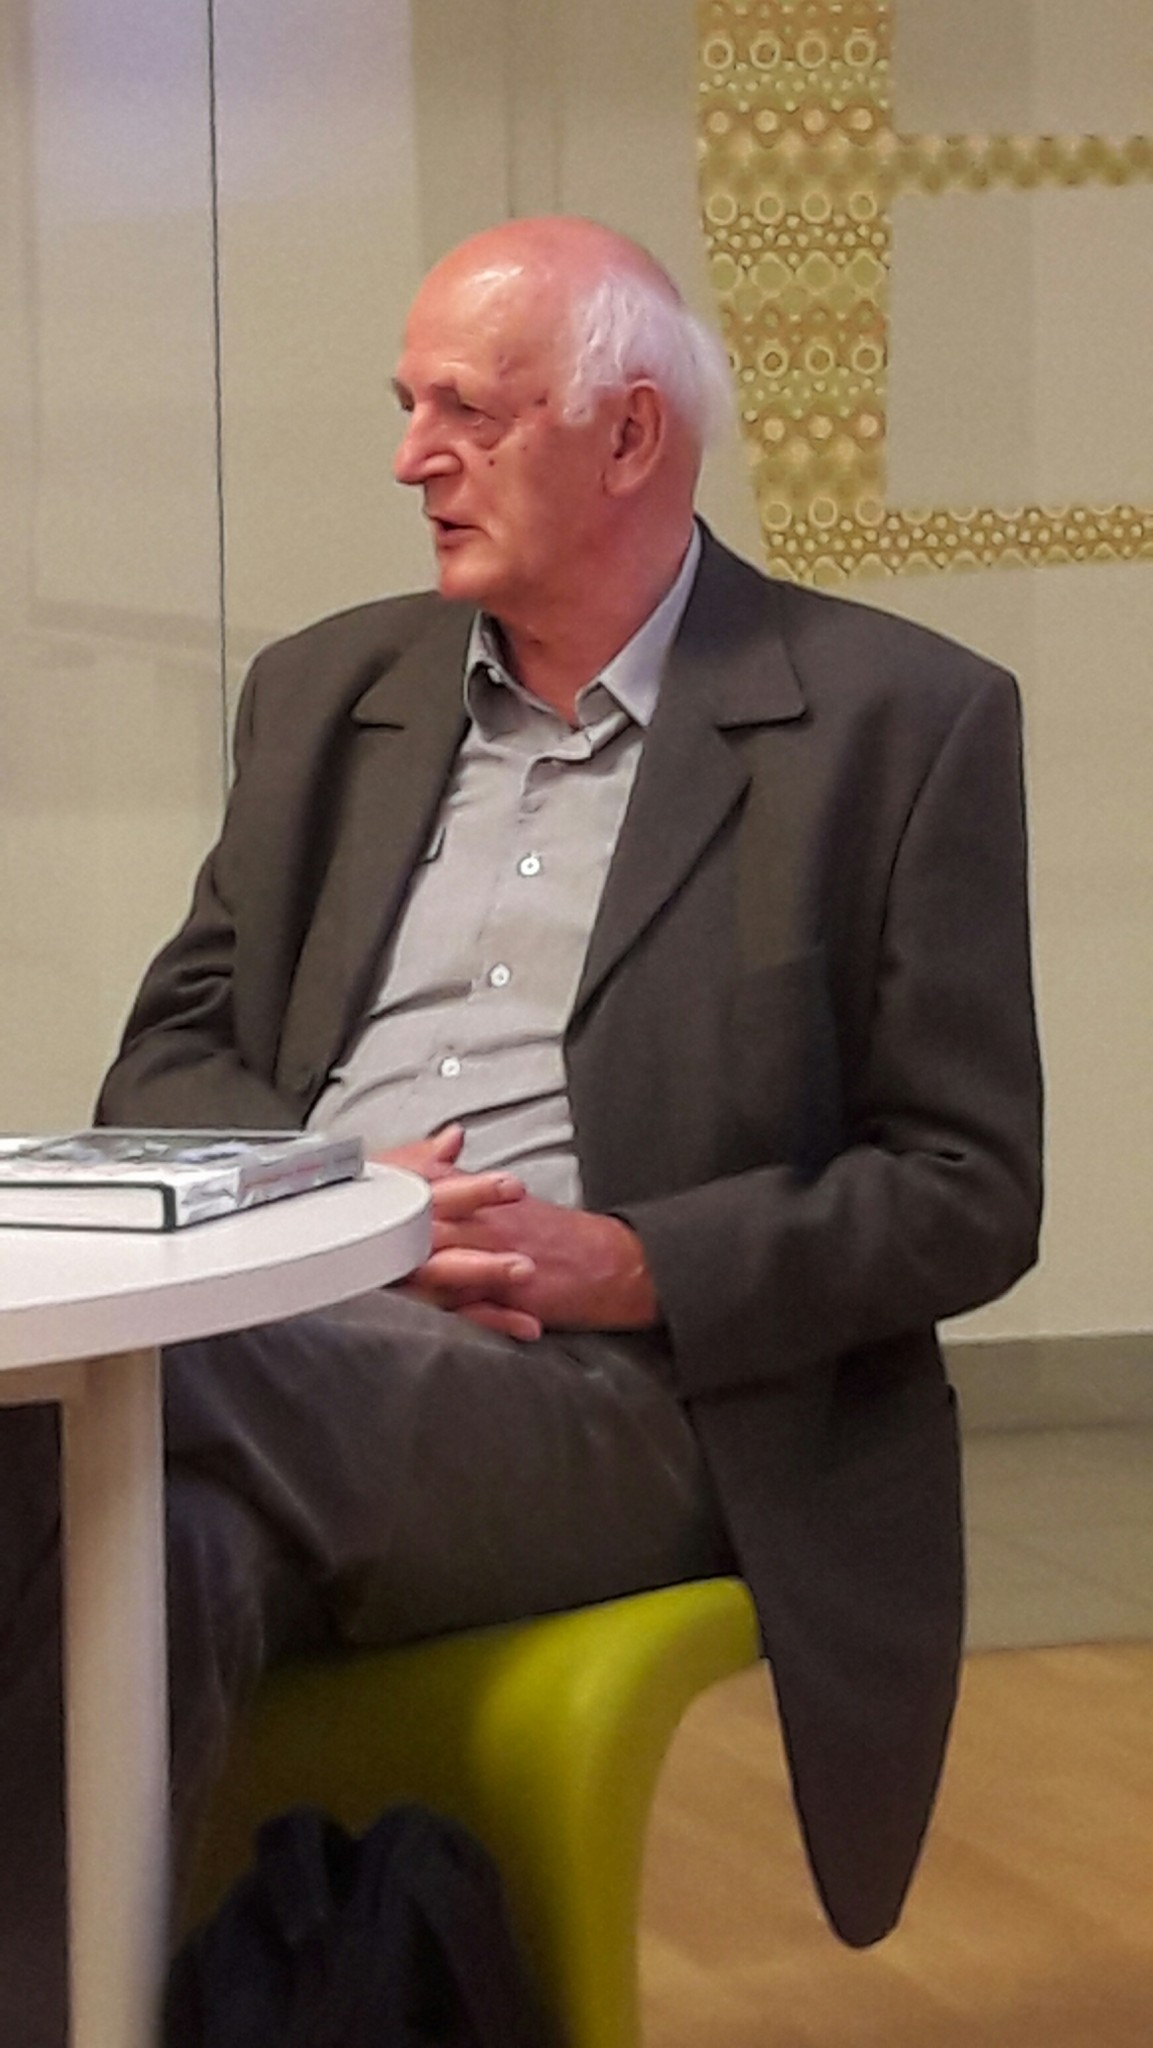 20160614 191551 resized - Franc Perko: Od ogolelega do gozdnatega krasa